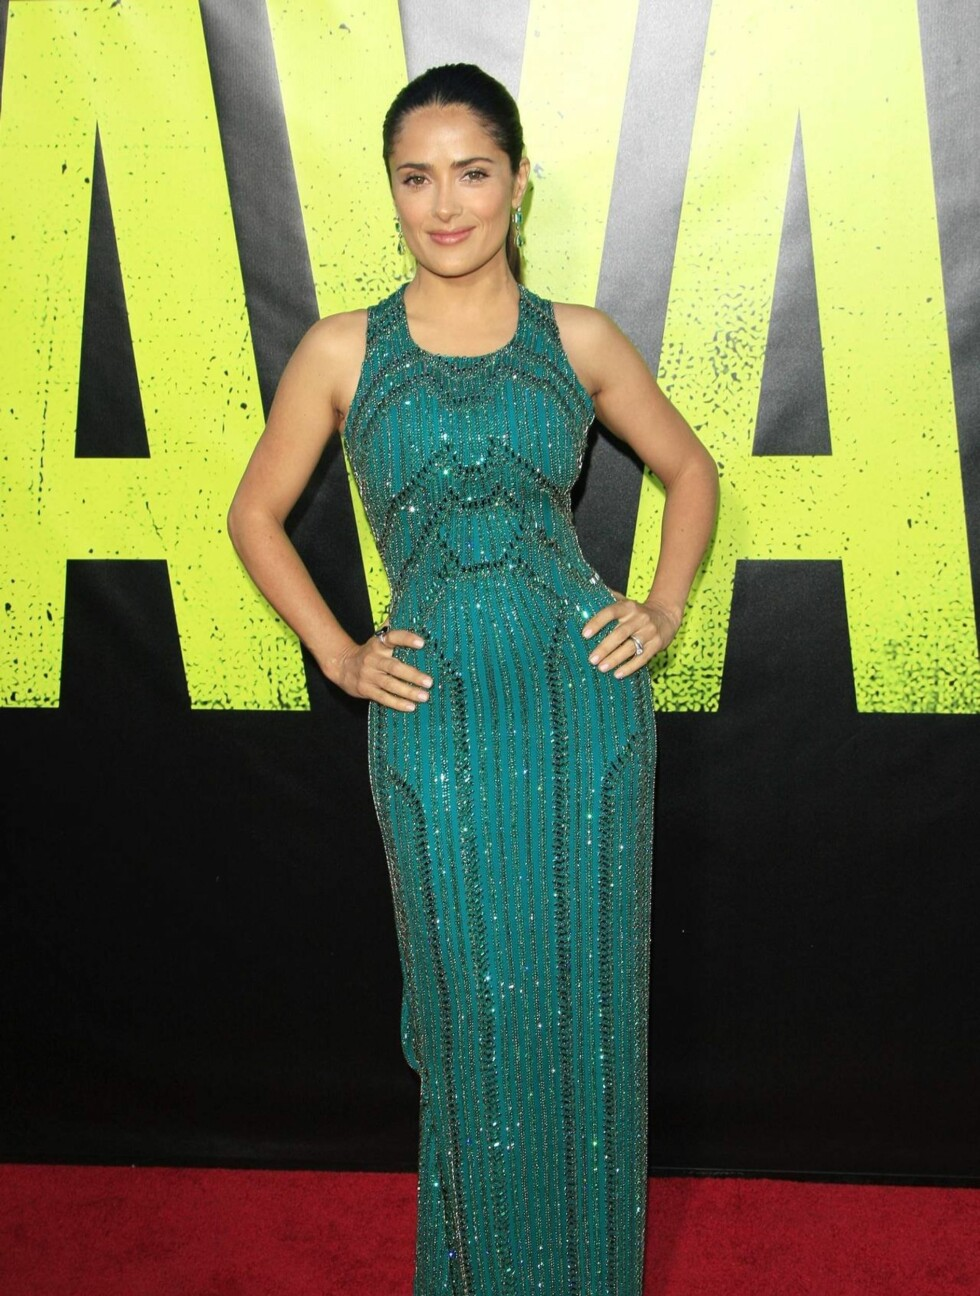 <strong>SKJØNN I GRØNN:</strong> Salma Hayek, som også har en rolle i filmen, poserte på den røde løperen i en paljettbesatt sjøgrønn kjole.  Foto: All Over Press